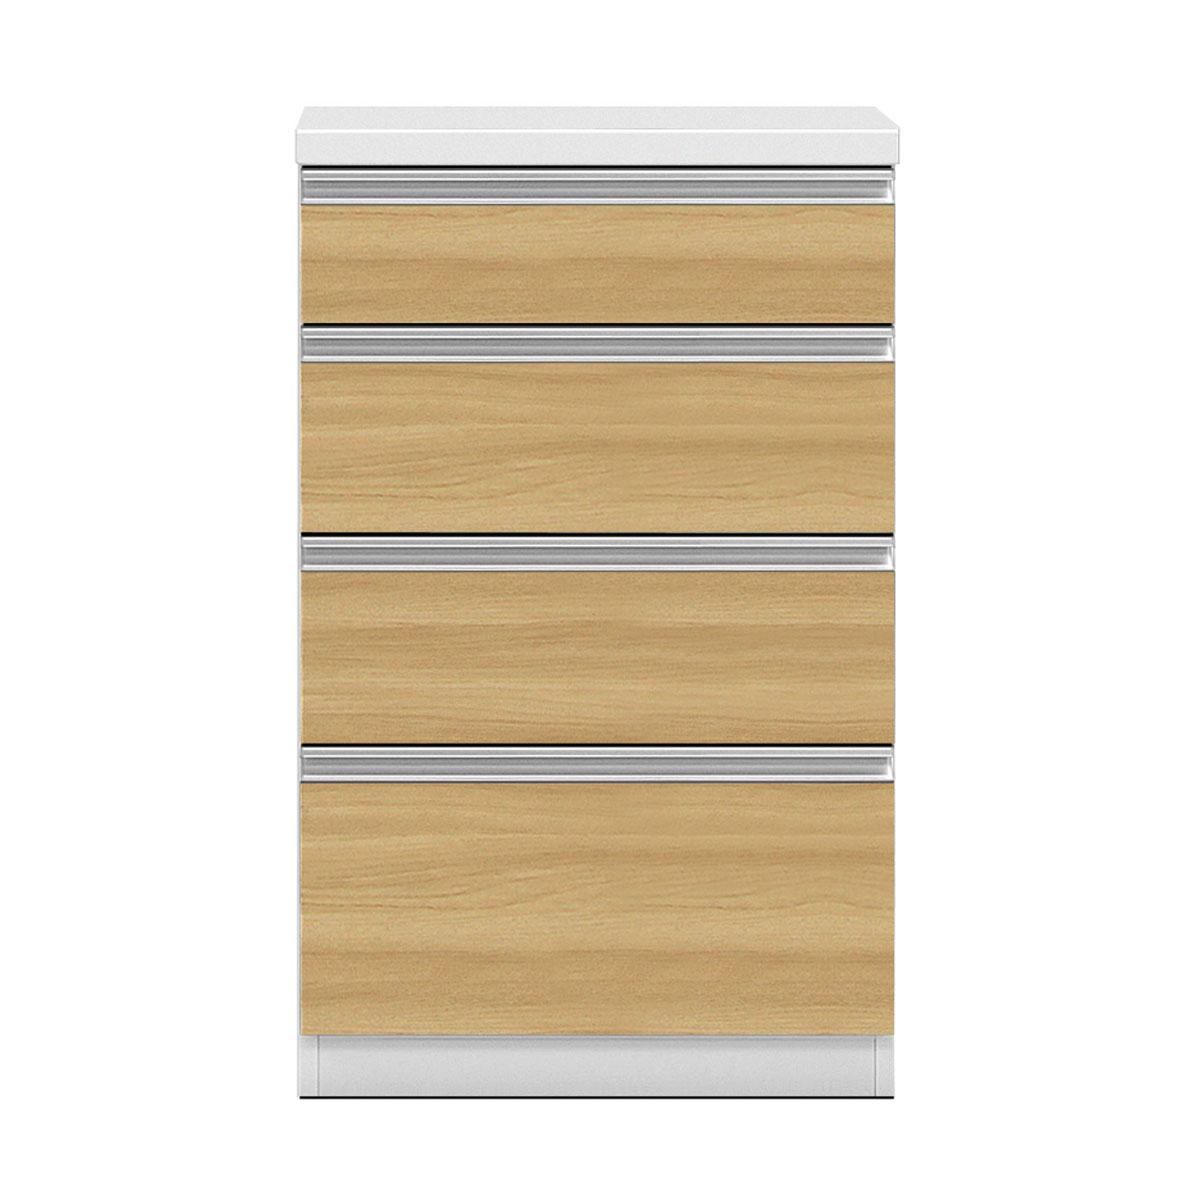 共和産業 グラッセ キッチンカウンター 下台H 60H ナチュラル【幅60×高さ98cm】 日本製 国産